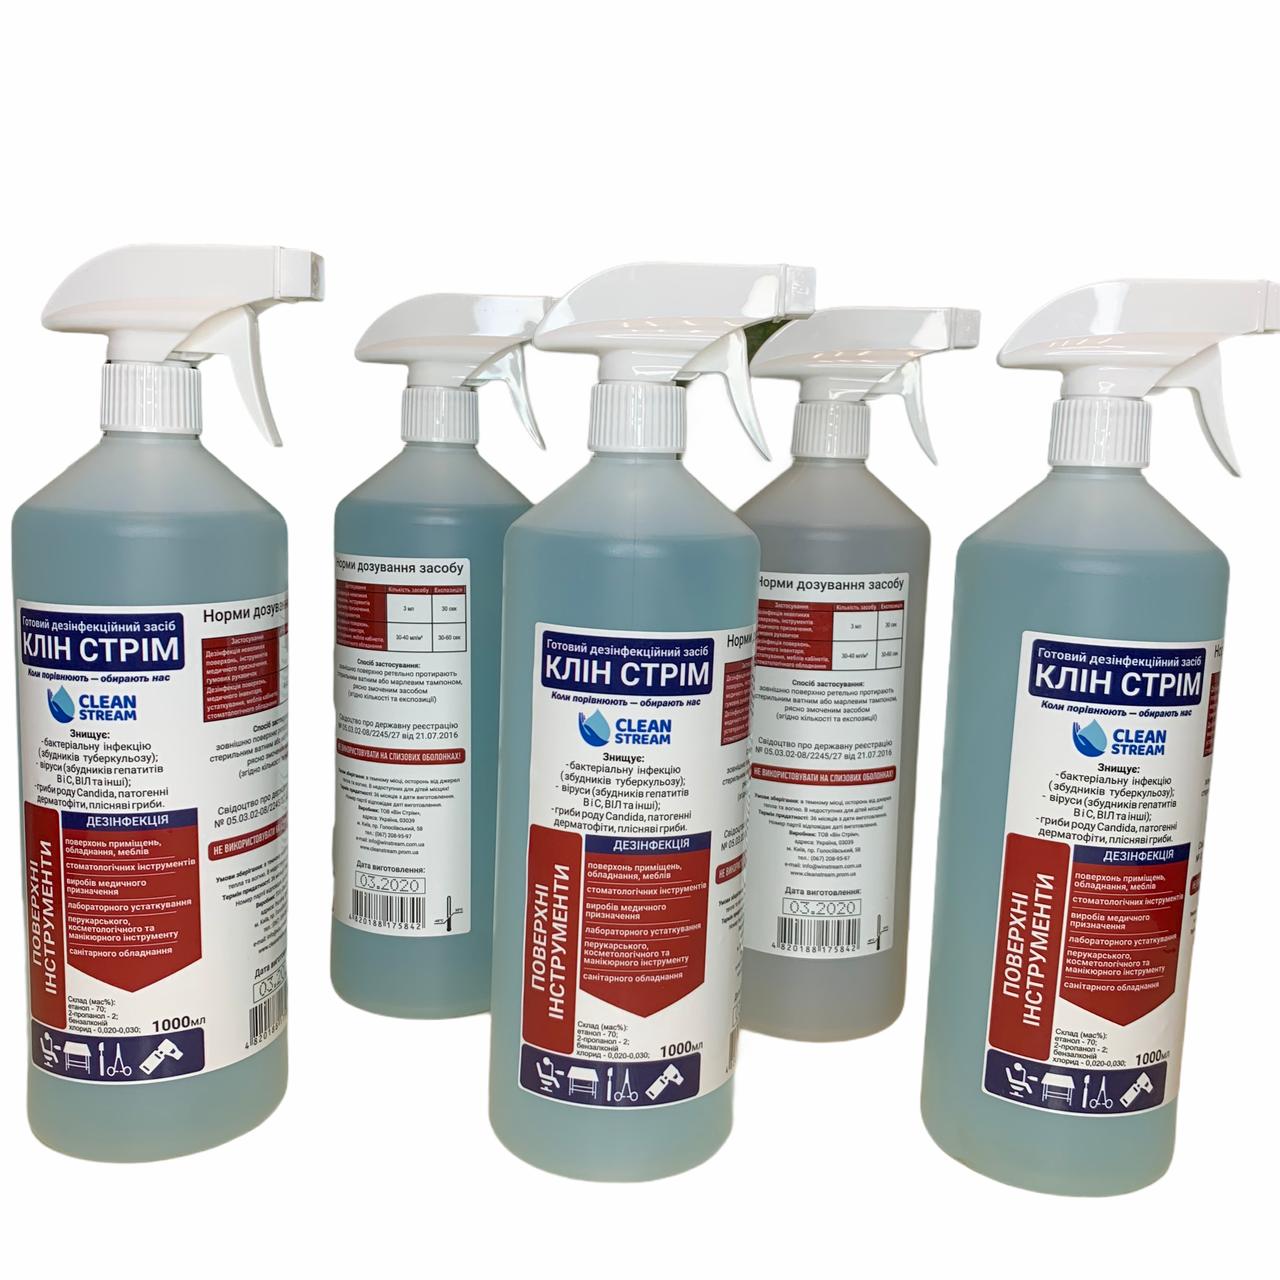 Дезинфицирующее средство Clean Stream для обработки инструментов и поверхностей 1 литр